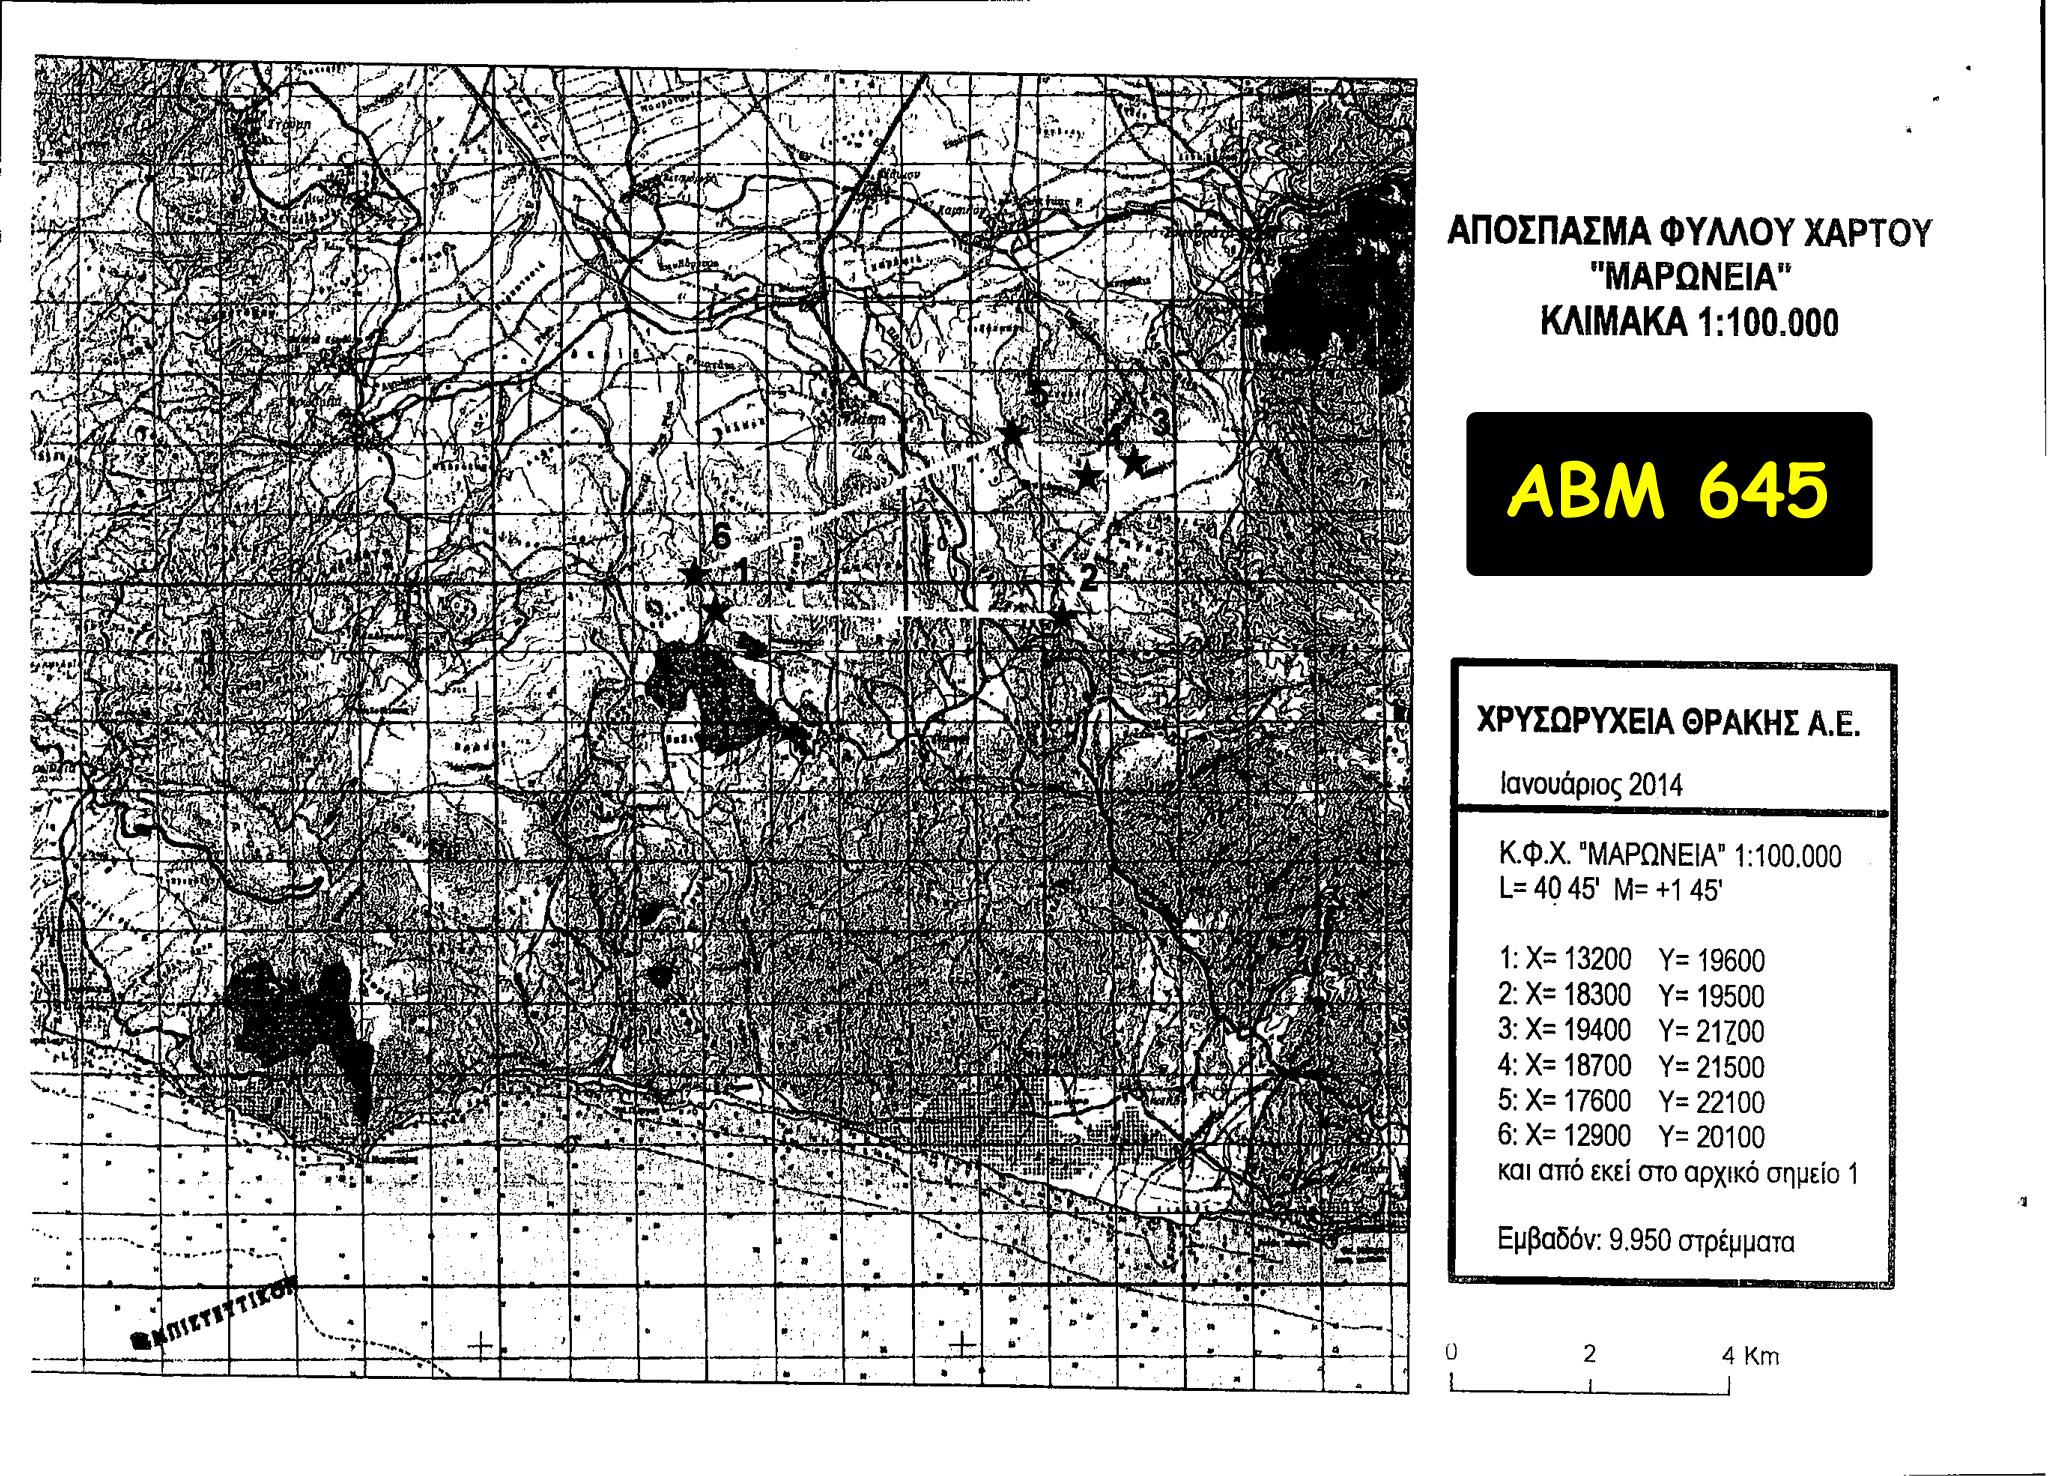 Περιοχή ΑΒΜ 645 - Αίτηση Μεταλλευτικών ερευνών Χρυσωρυχεία Θράκης ΑΕ (Ιαν.2014)